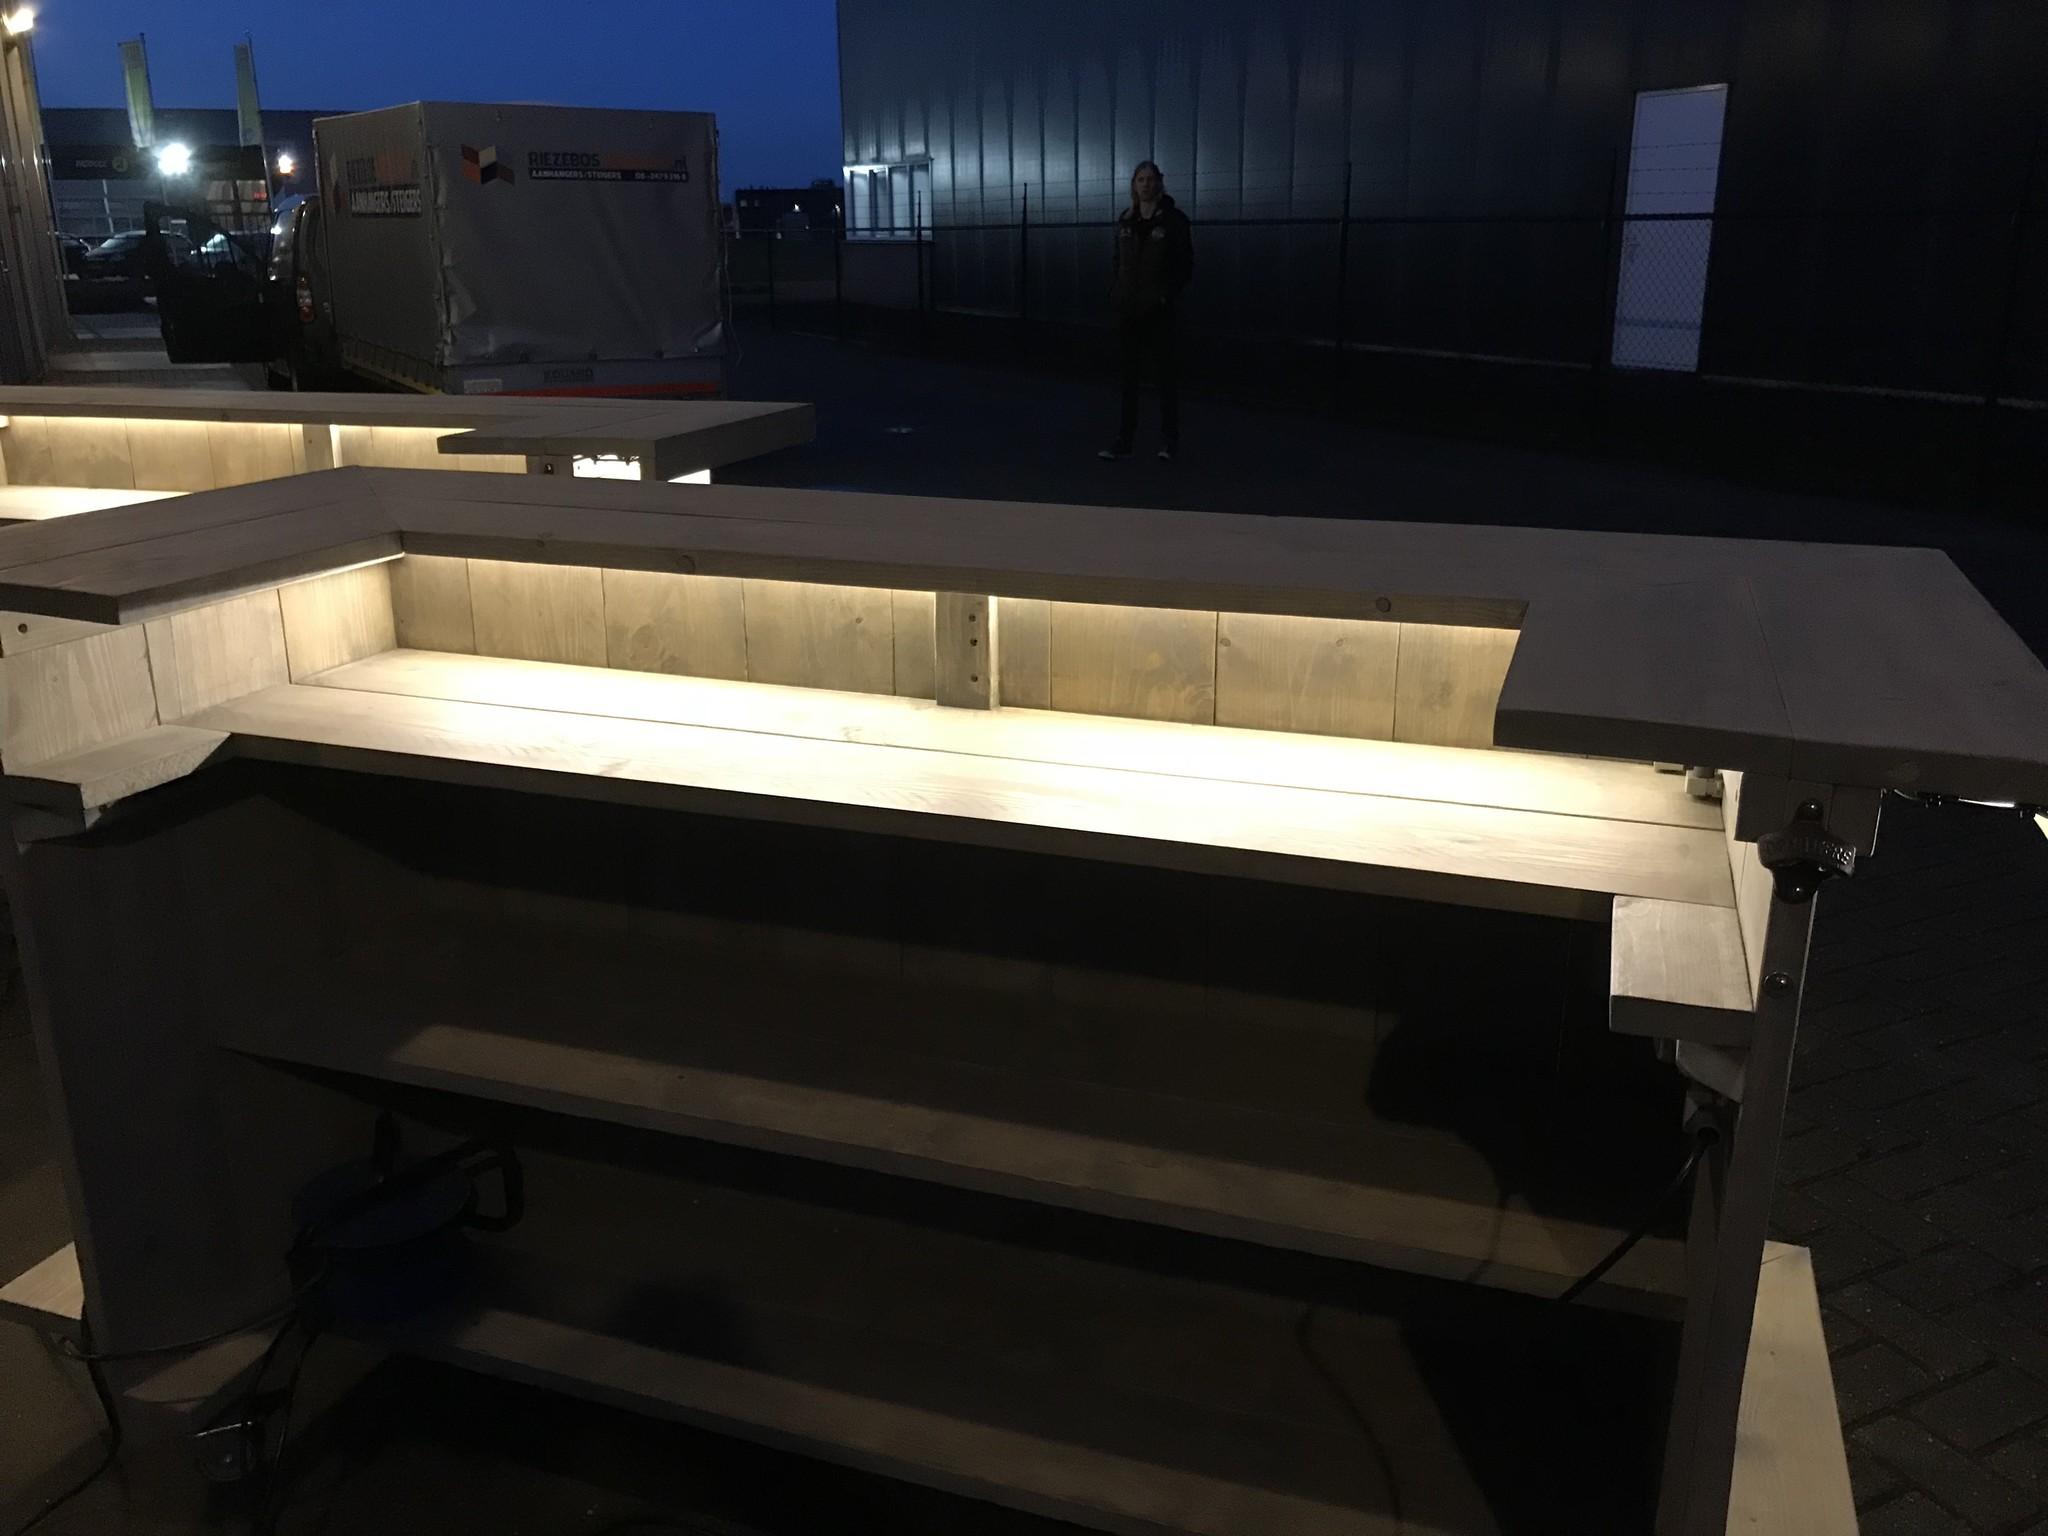 Leonard Toog van steigerhout met LED verlichting en verrijdbaar